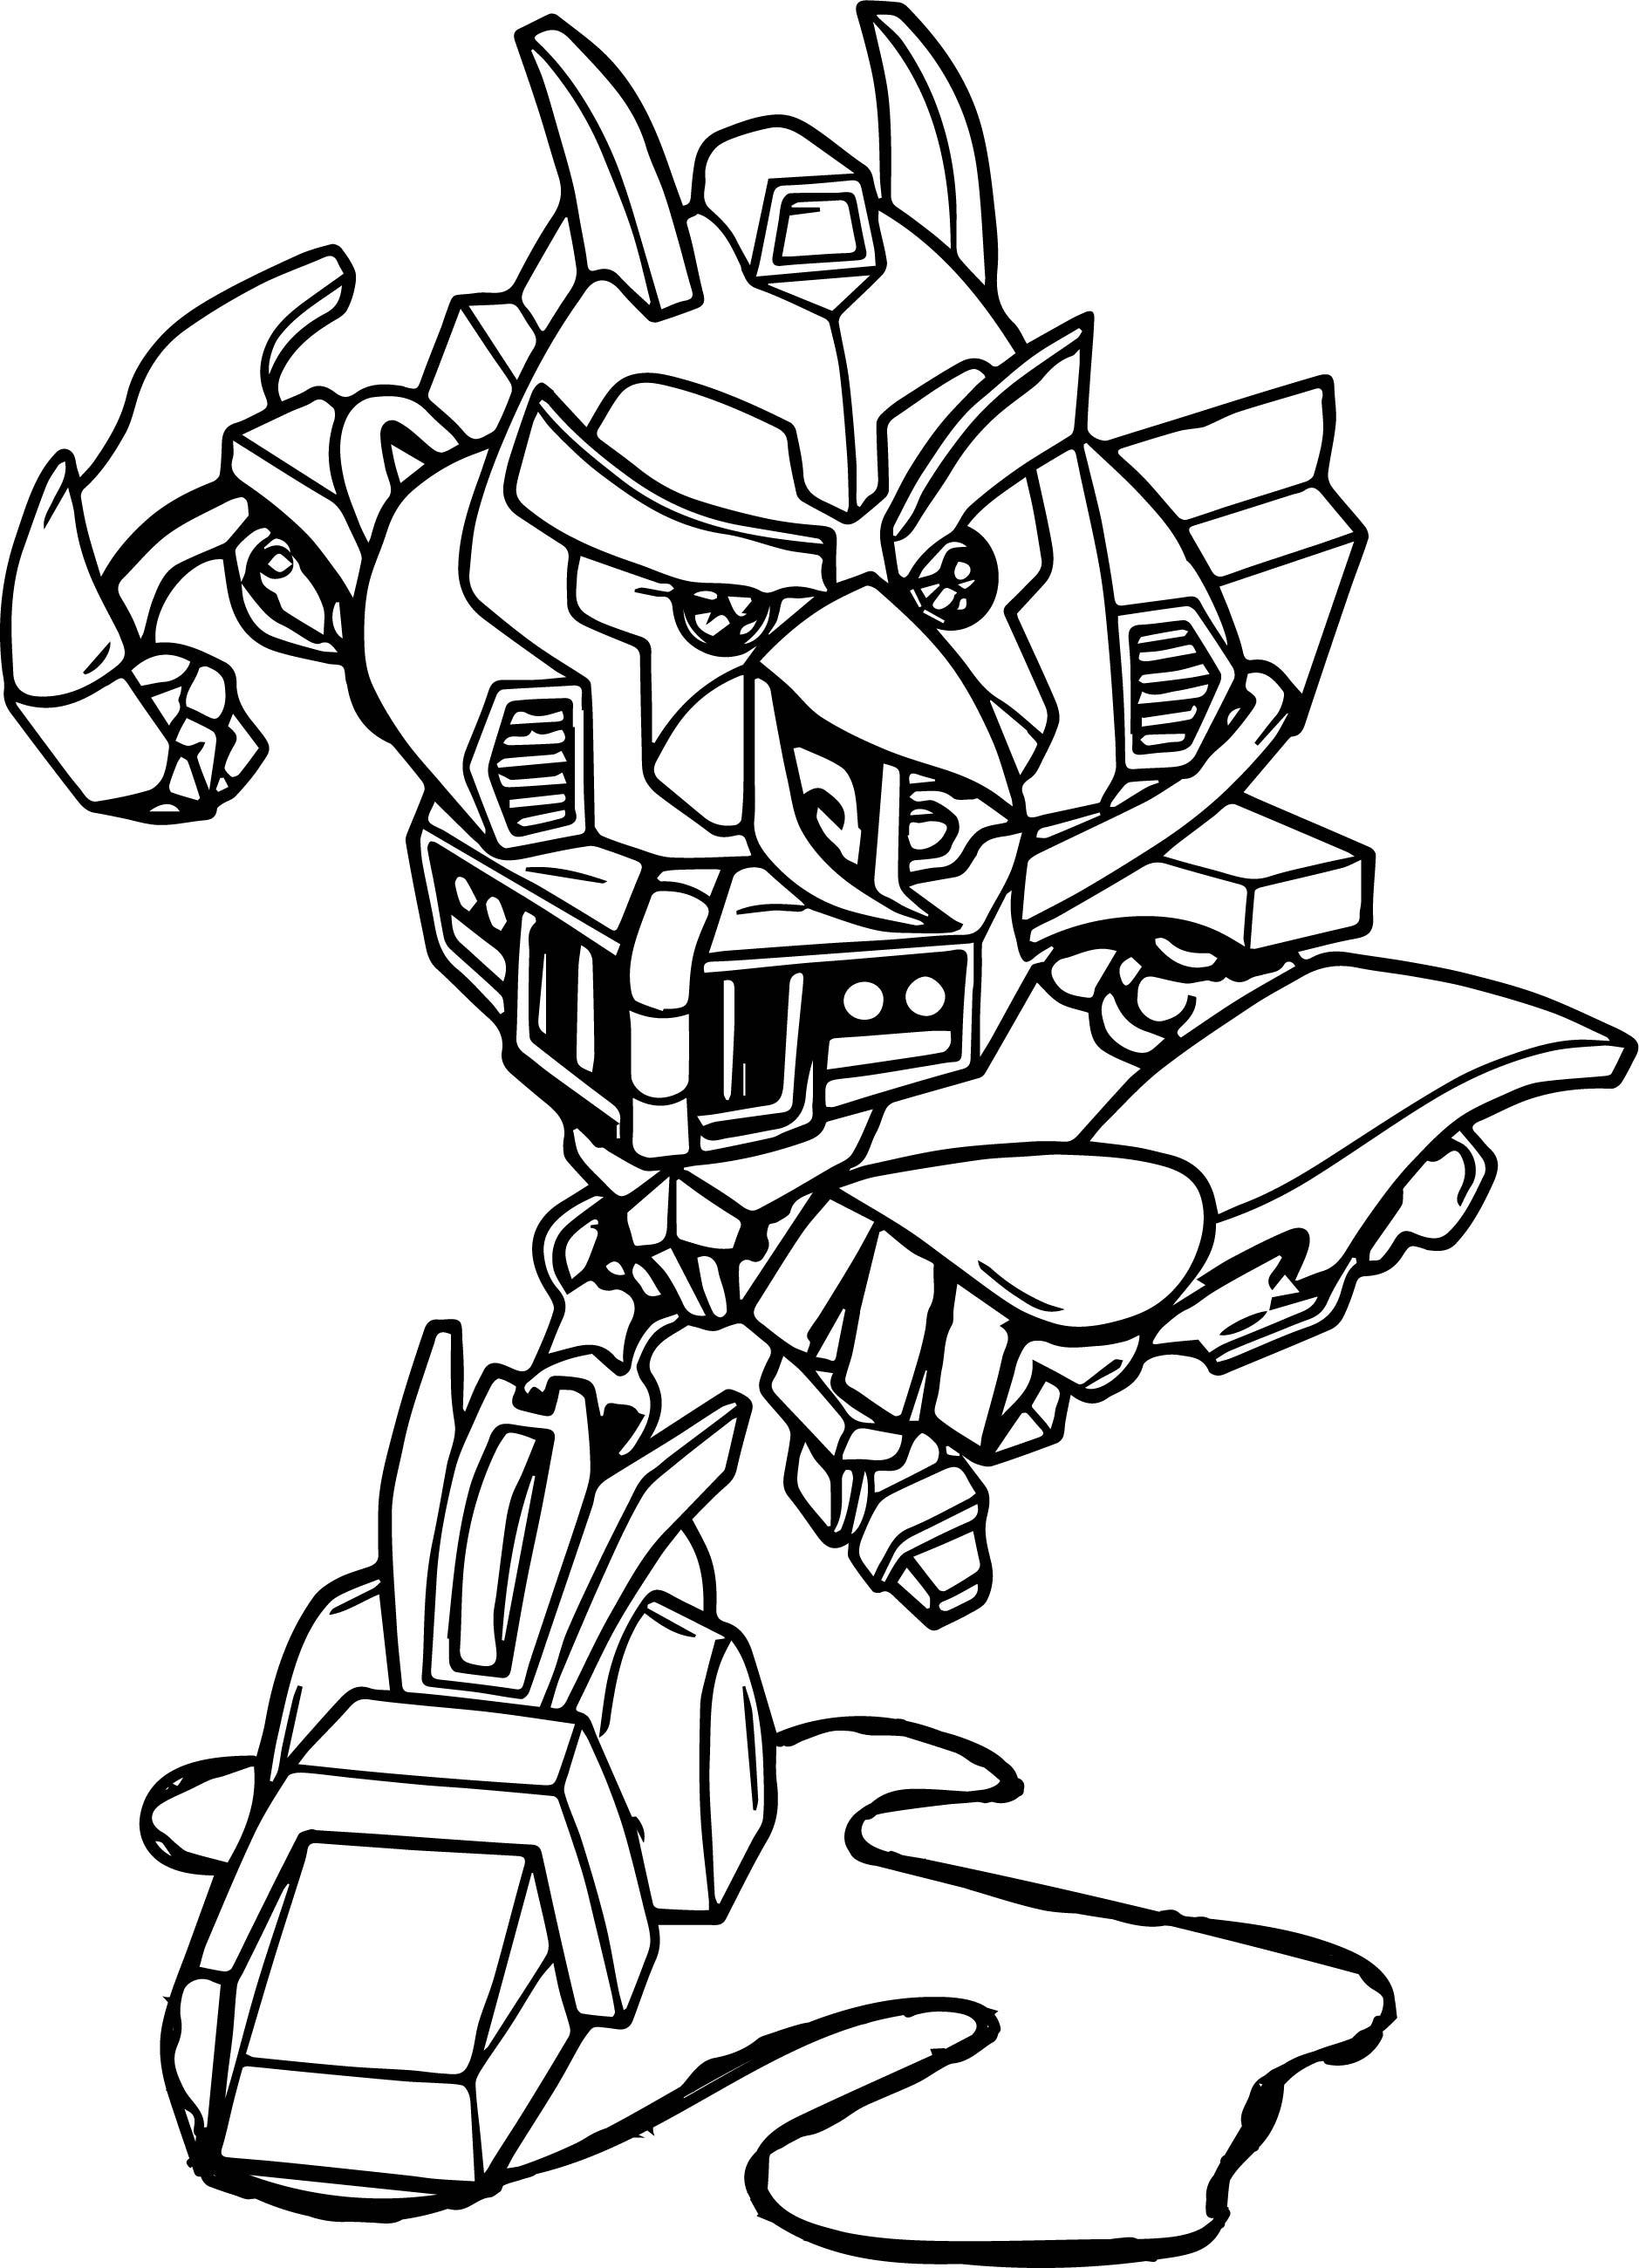 Transformers Optimus Prime Drawing at GetDrawings.com